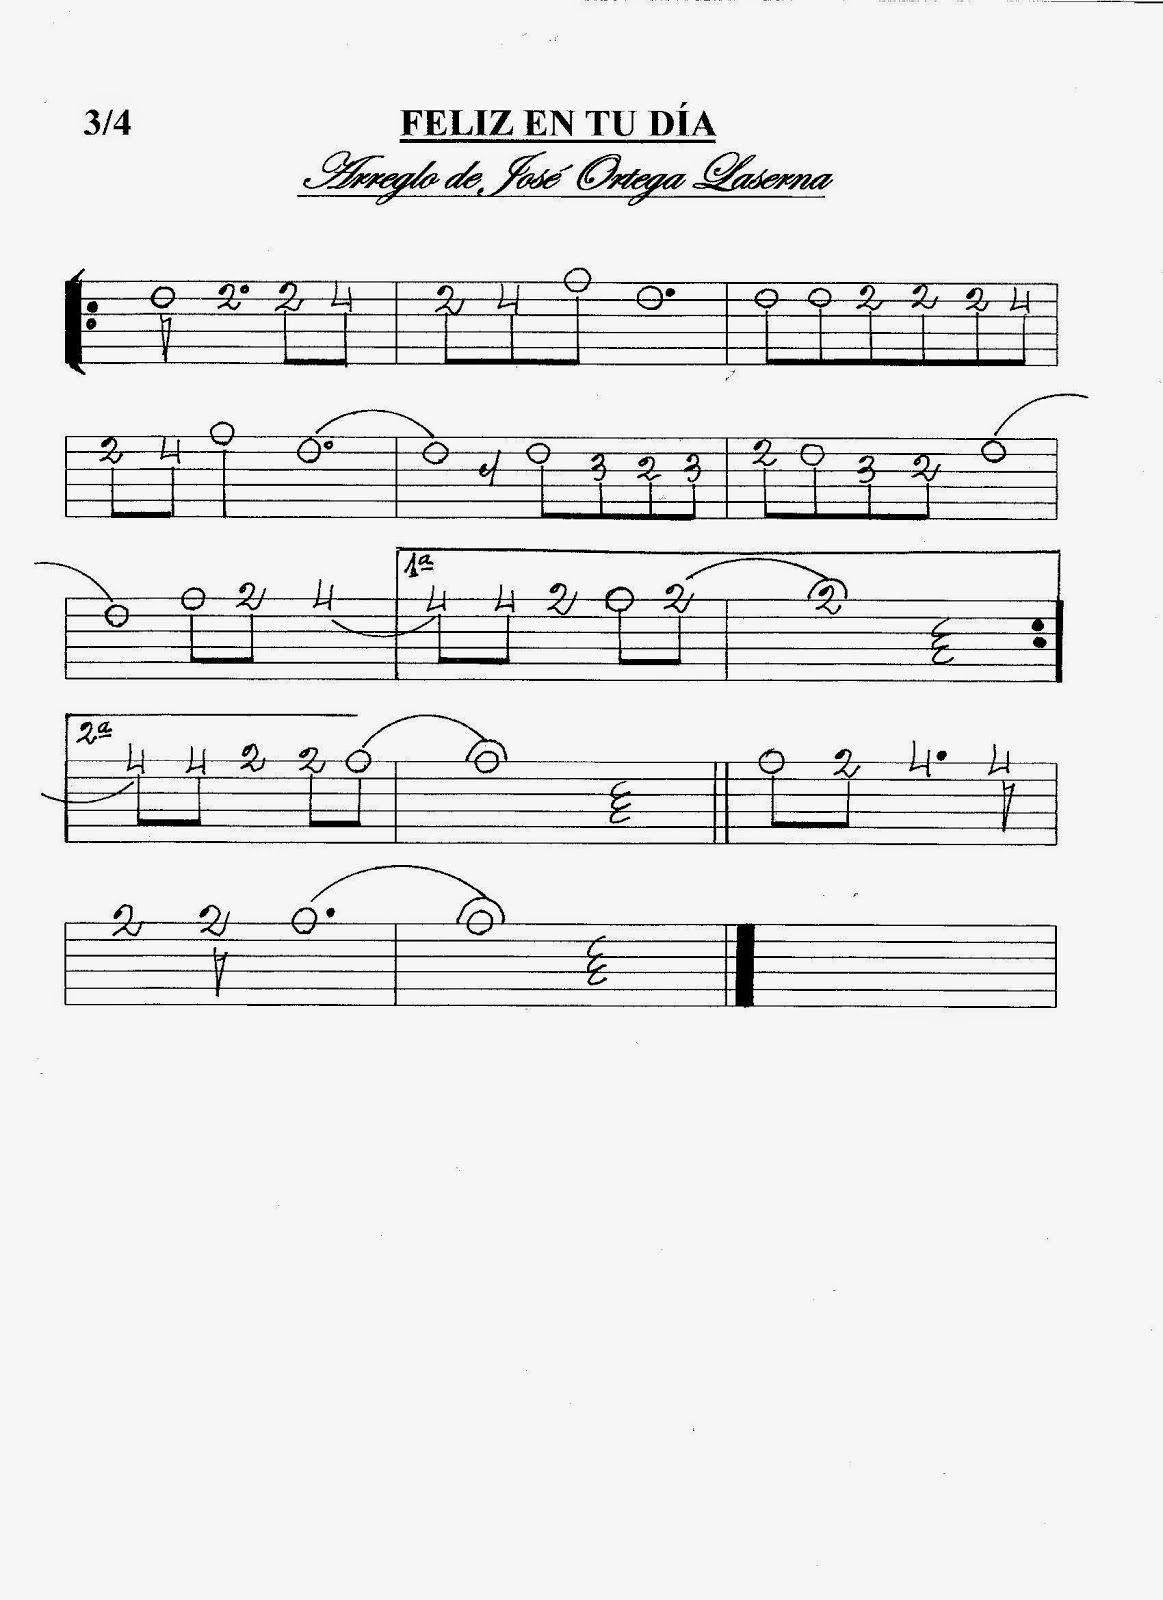 Partituras En Cifra Para Bandurria Y Laúd De José Ortega Laserna Felíz En Tu Día Partituras Hojas De Música Canciones De Guitarra